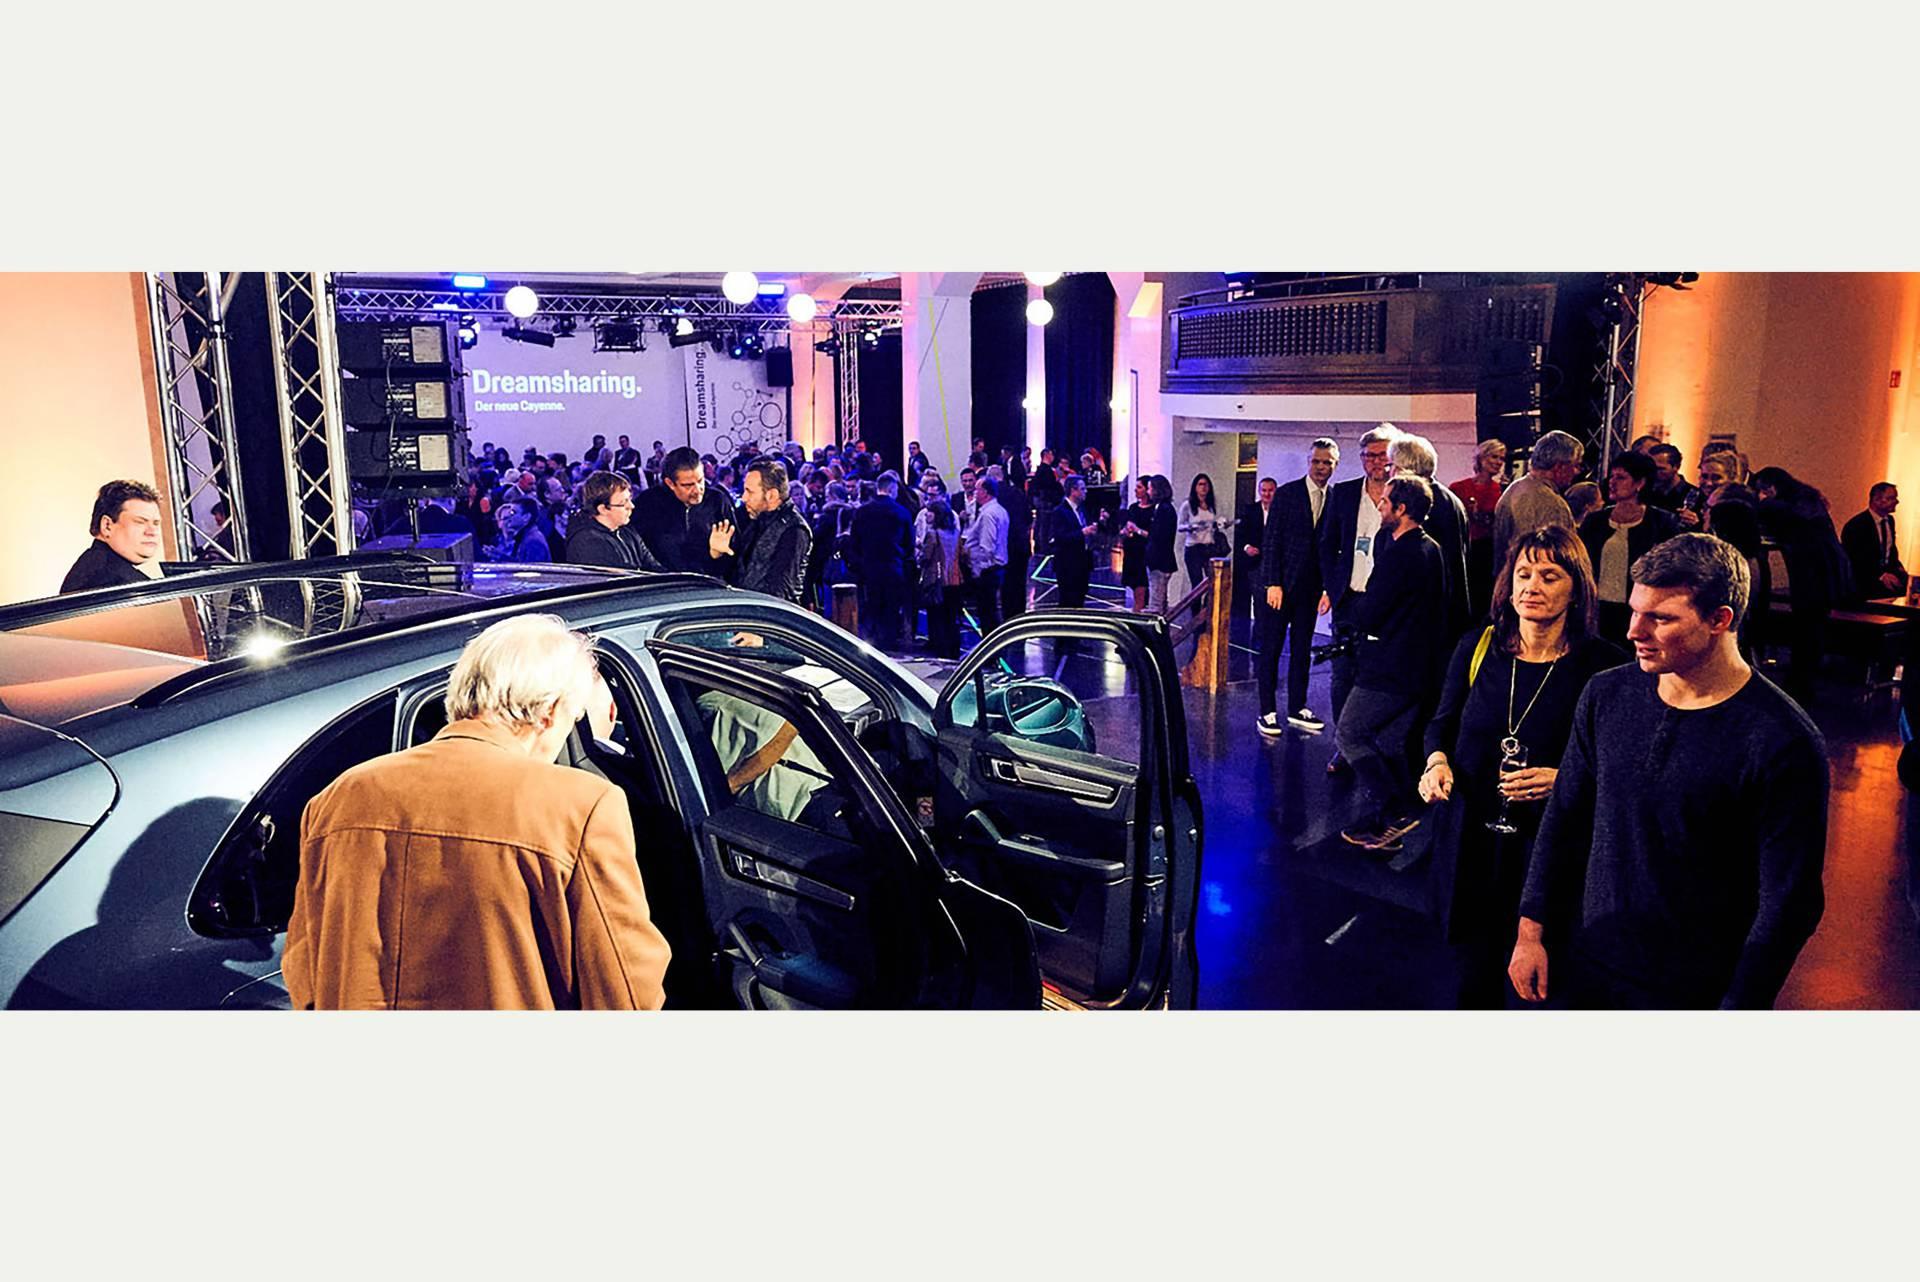 Der gesamte Raum eignet sich auch für Automobil-Präsentationen. Hier steht ein SUV auf der Fläche der kleinen Bühne. (Porsche Zentrum Leipzig)